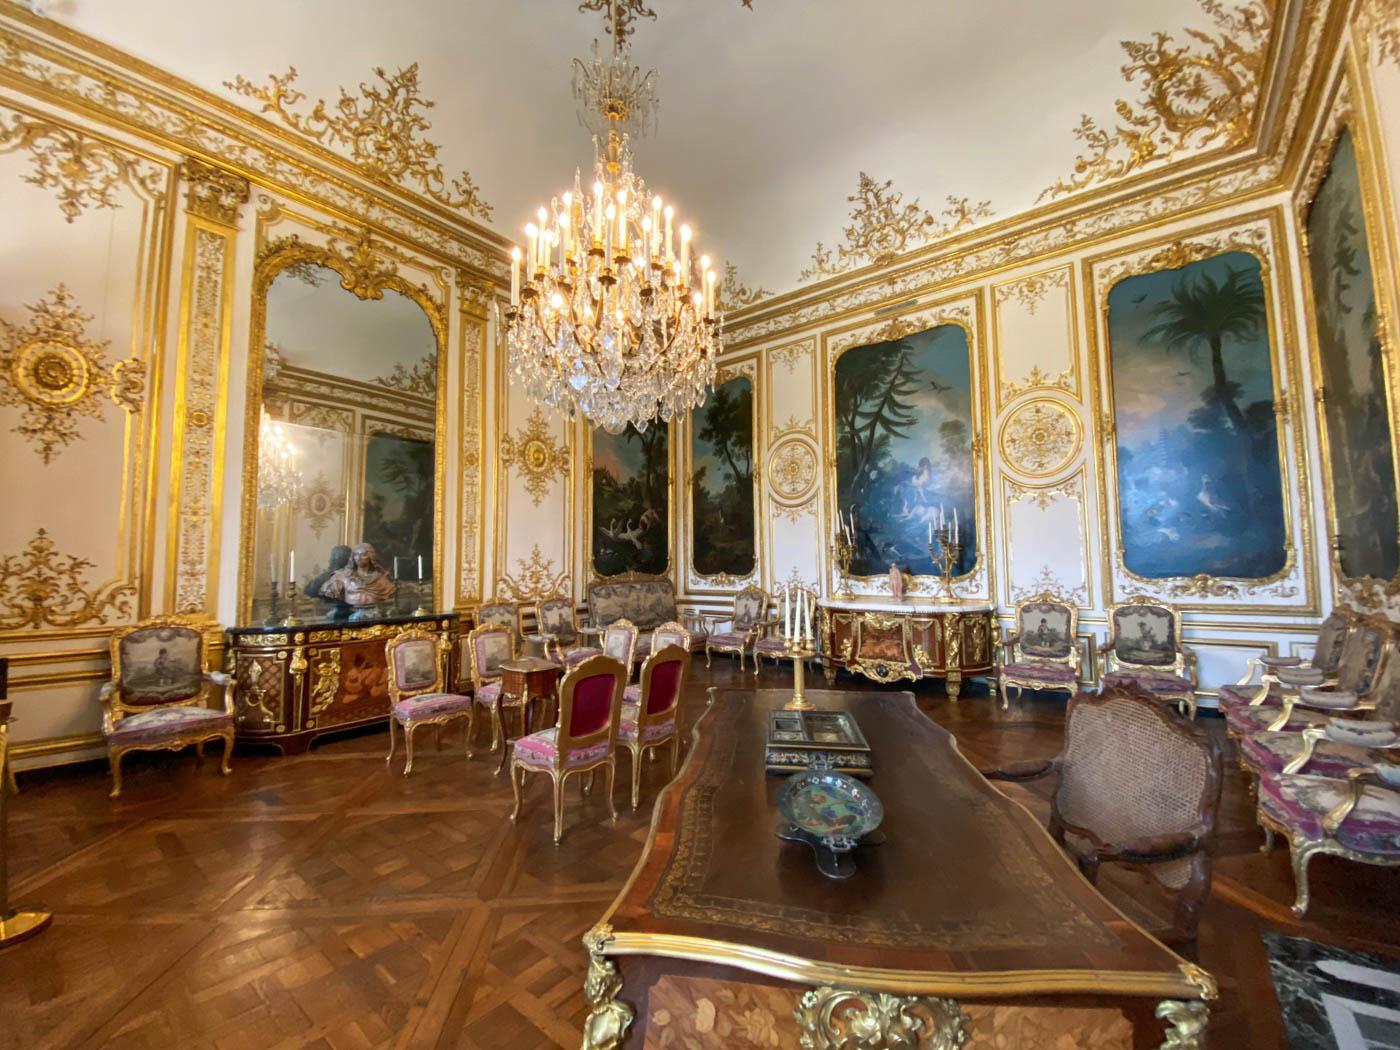 une-bonne-maison-chantilly-castle-french-chateau-interior